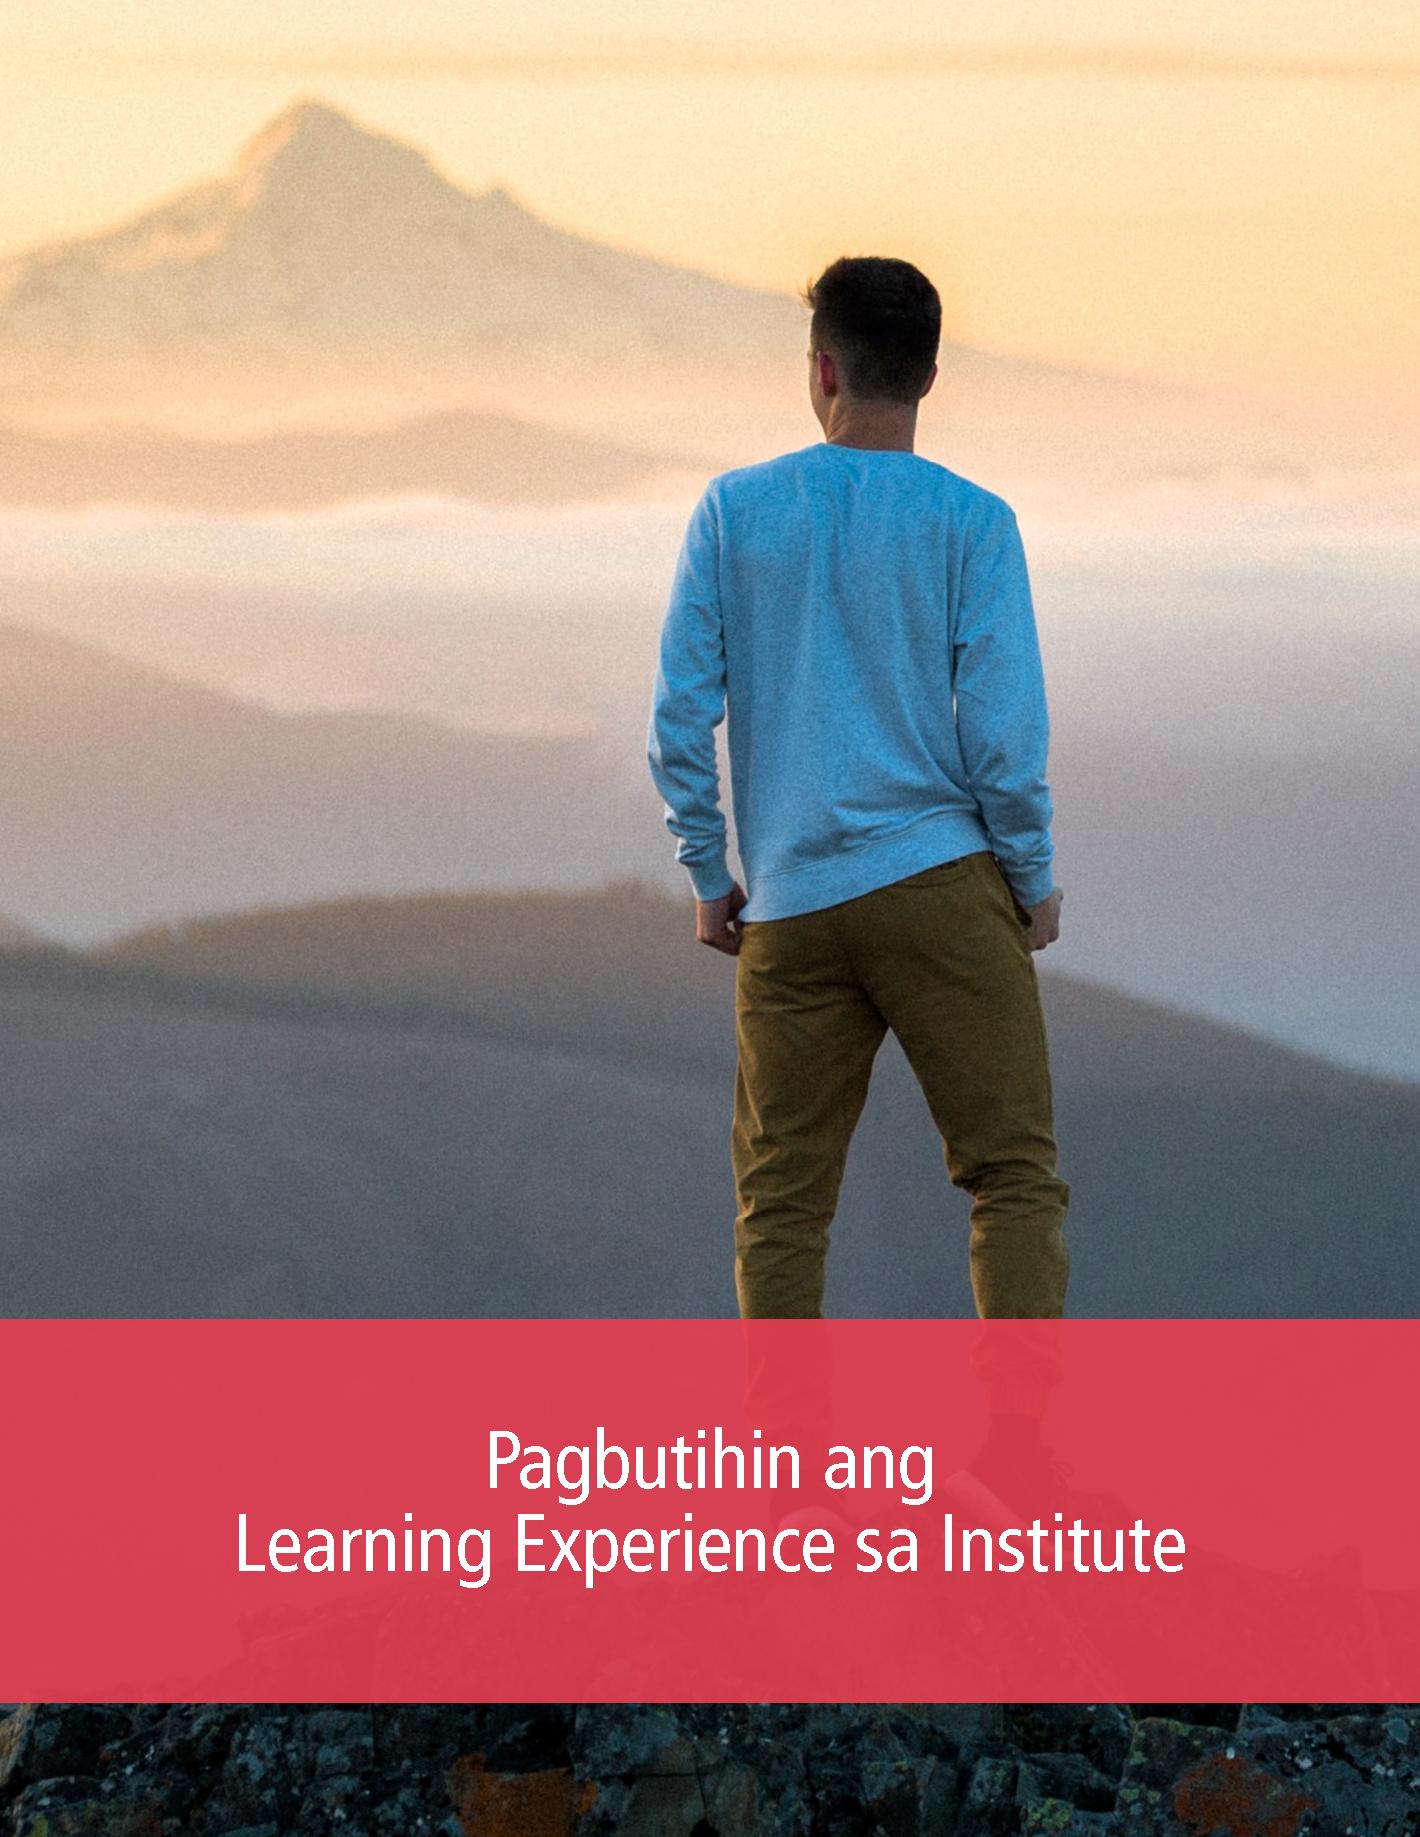 Pagbutihin ang Learning Experience sa Institute